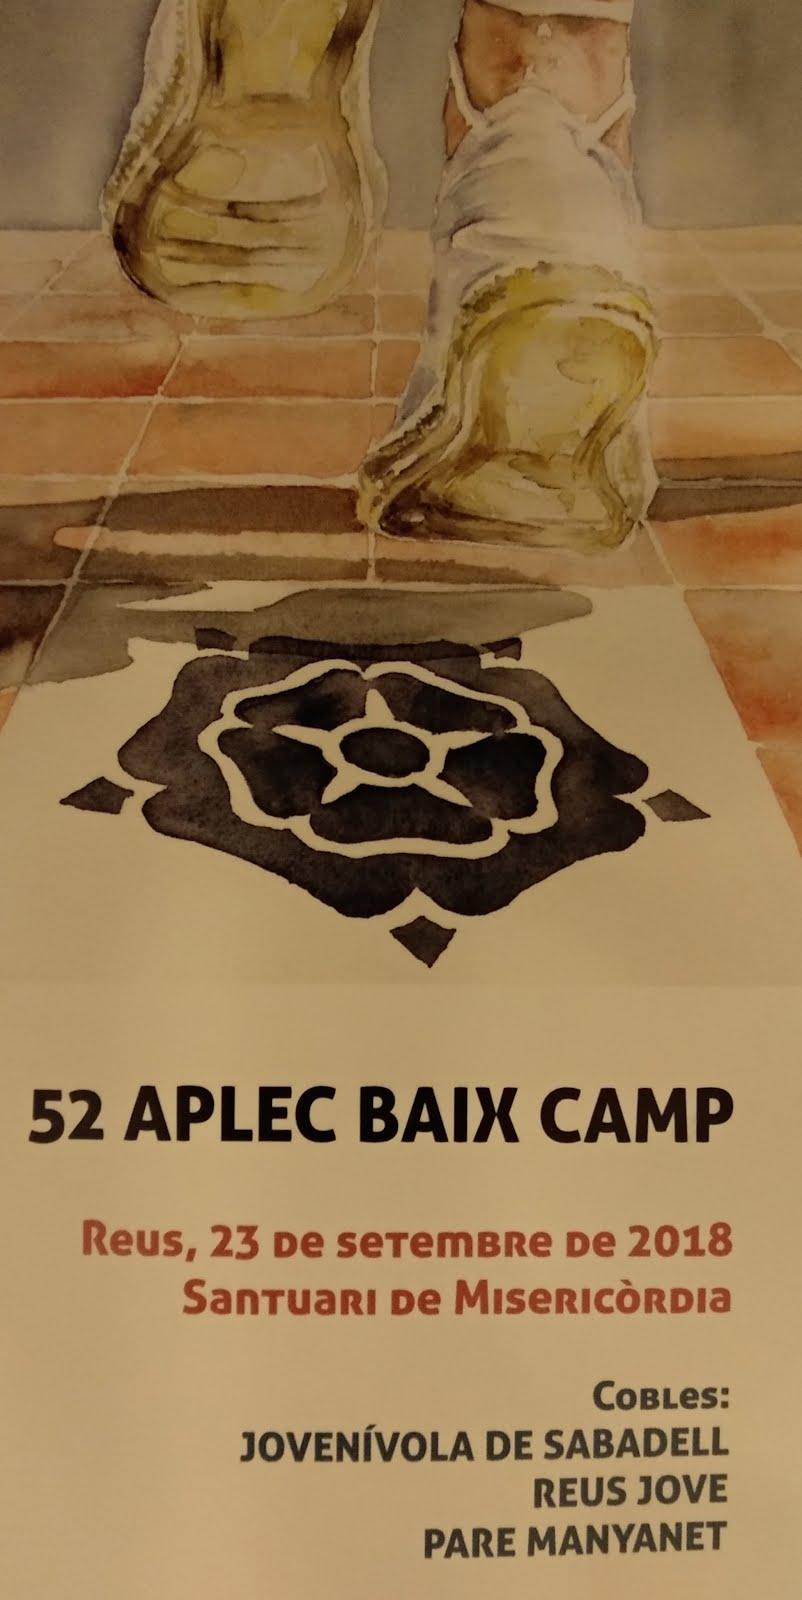 52è Aplec Baix Camp